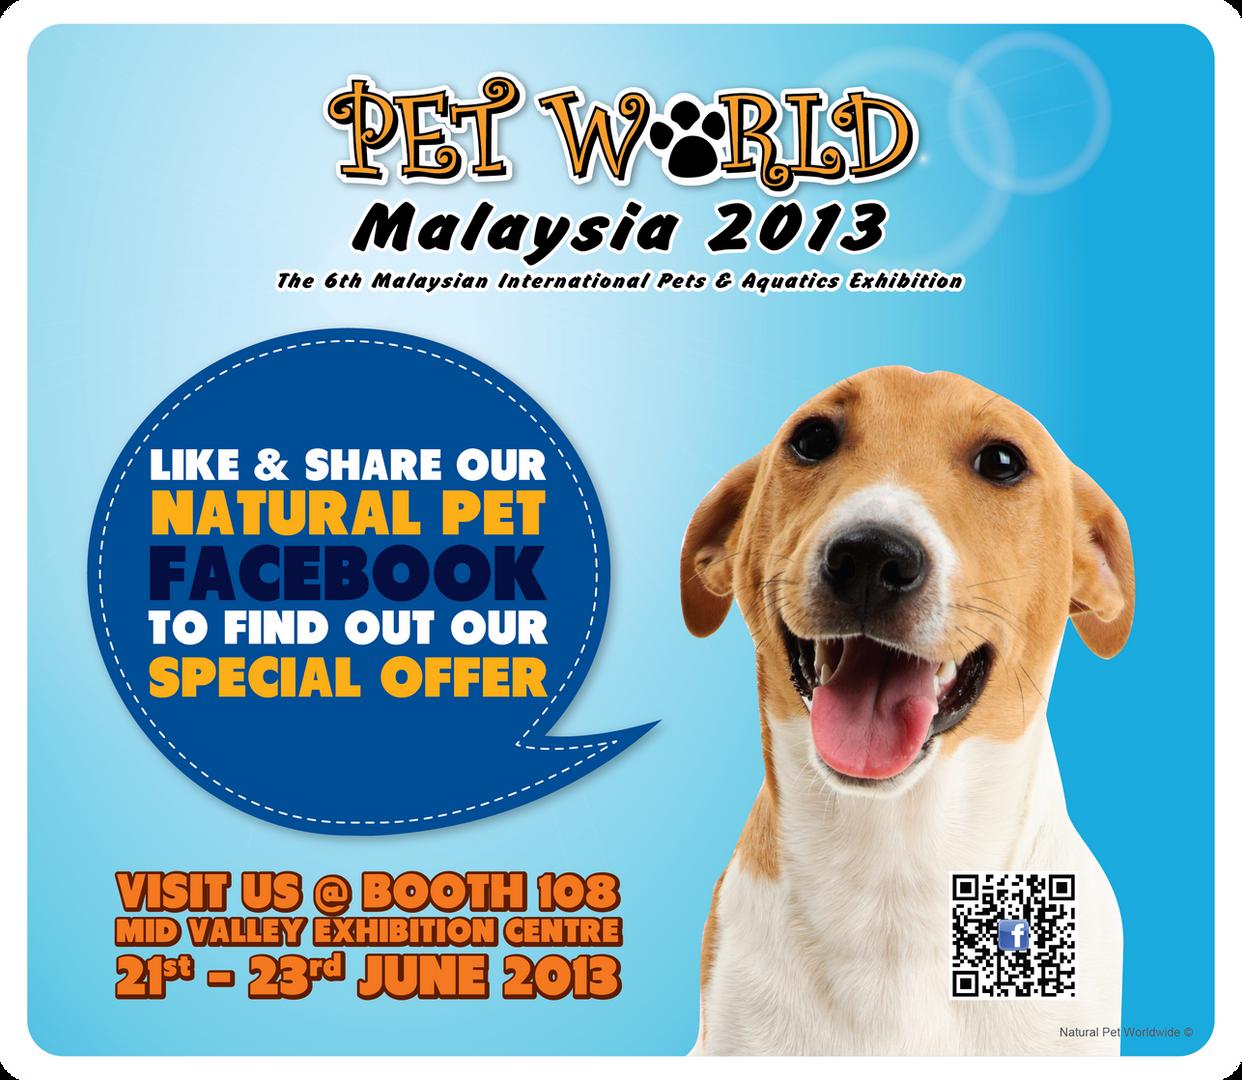 Natural Pet   Pet World Malaysia 2013